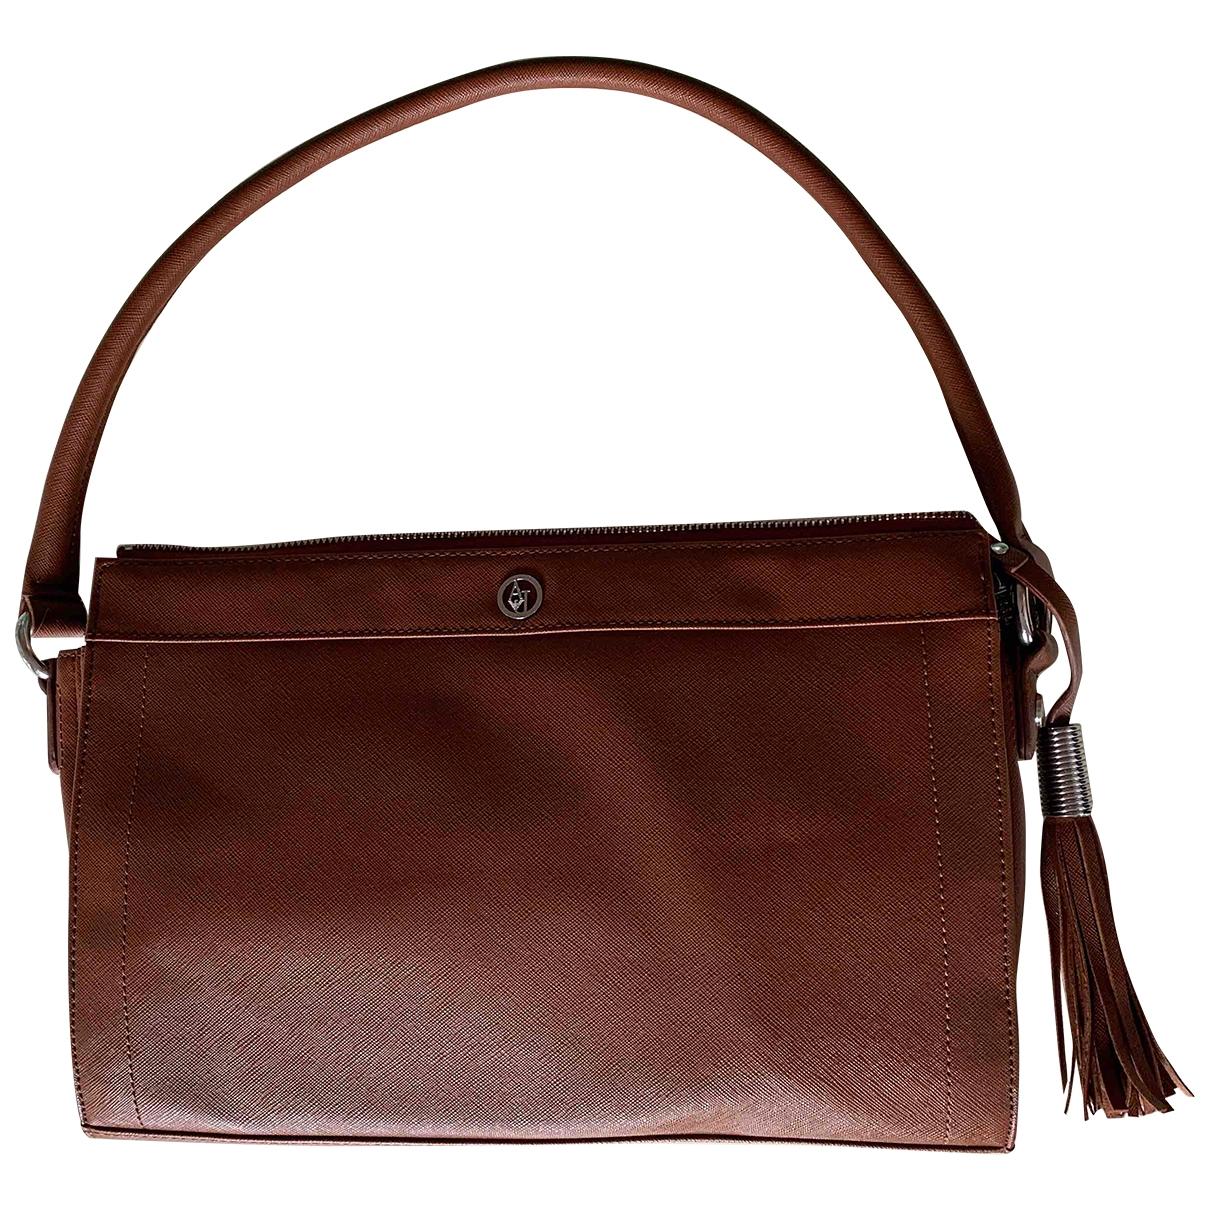 Armani Jeans \N Handtasche in  Braun Polyester